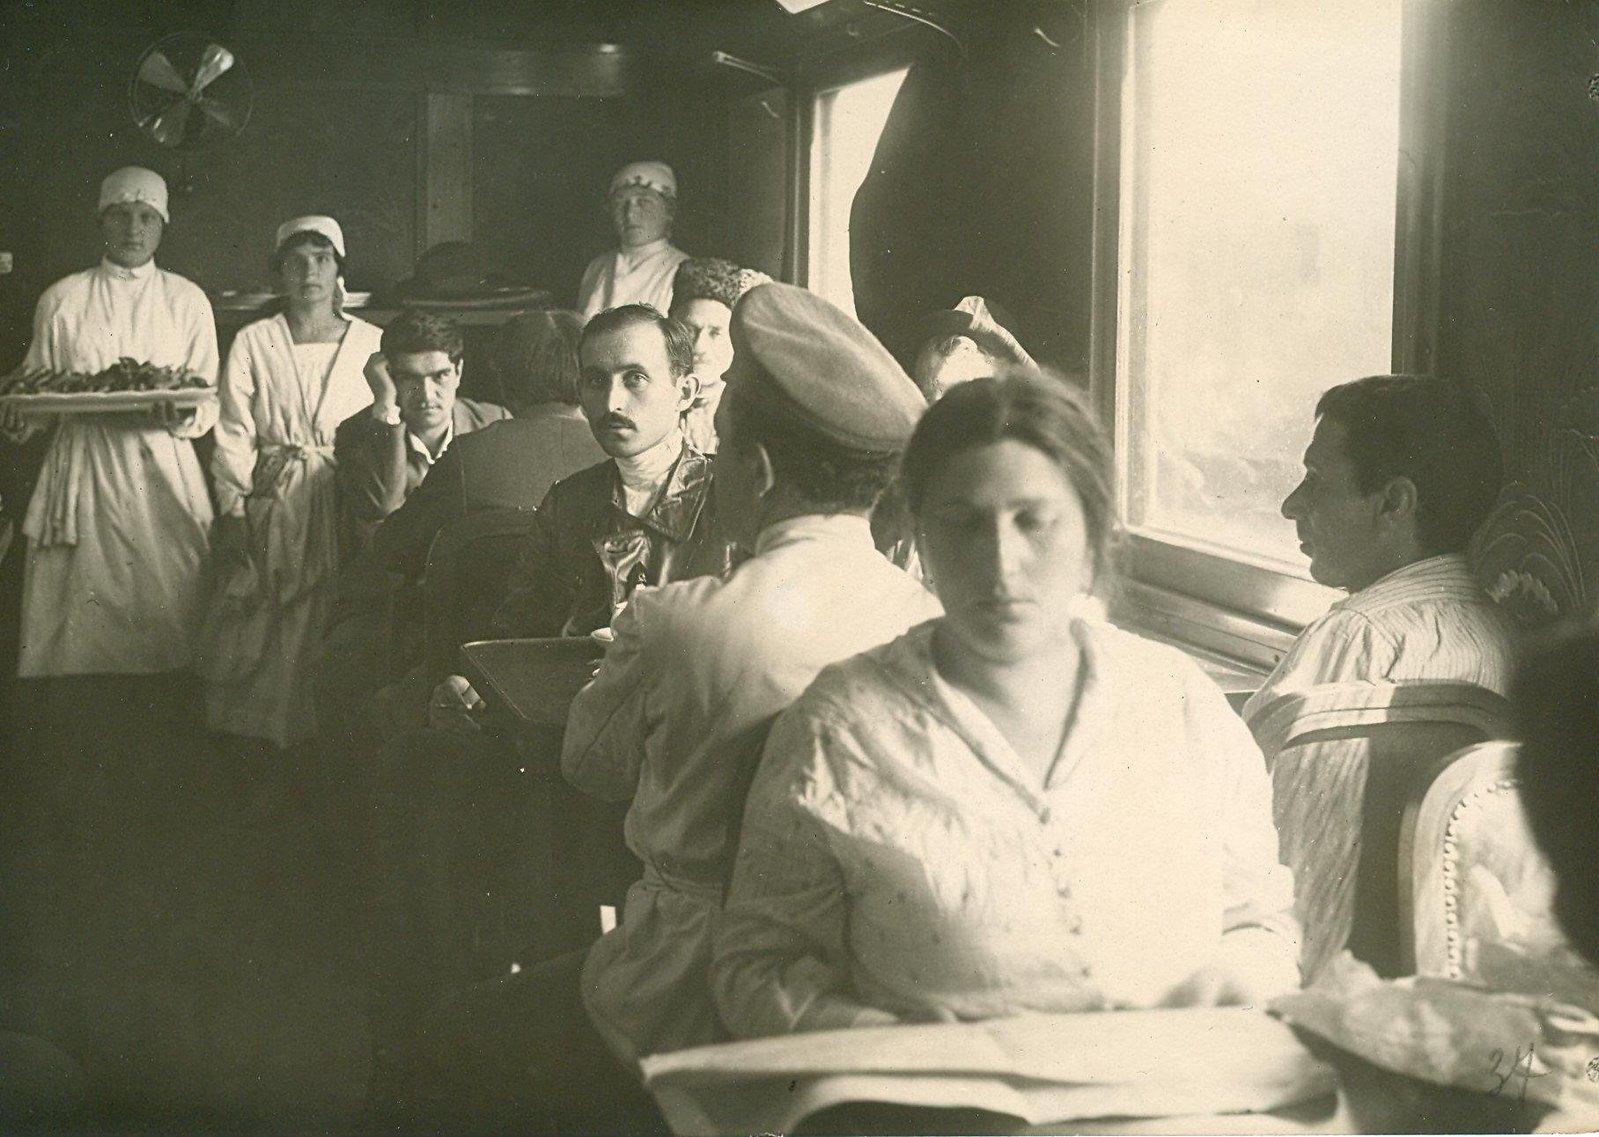 07. 1920. 19 июля. Делегаты II конгресса Коминтерна в вагоне на Николаевском (Московском) вокзале1